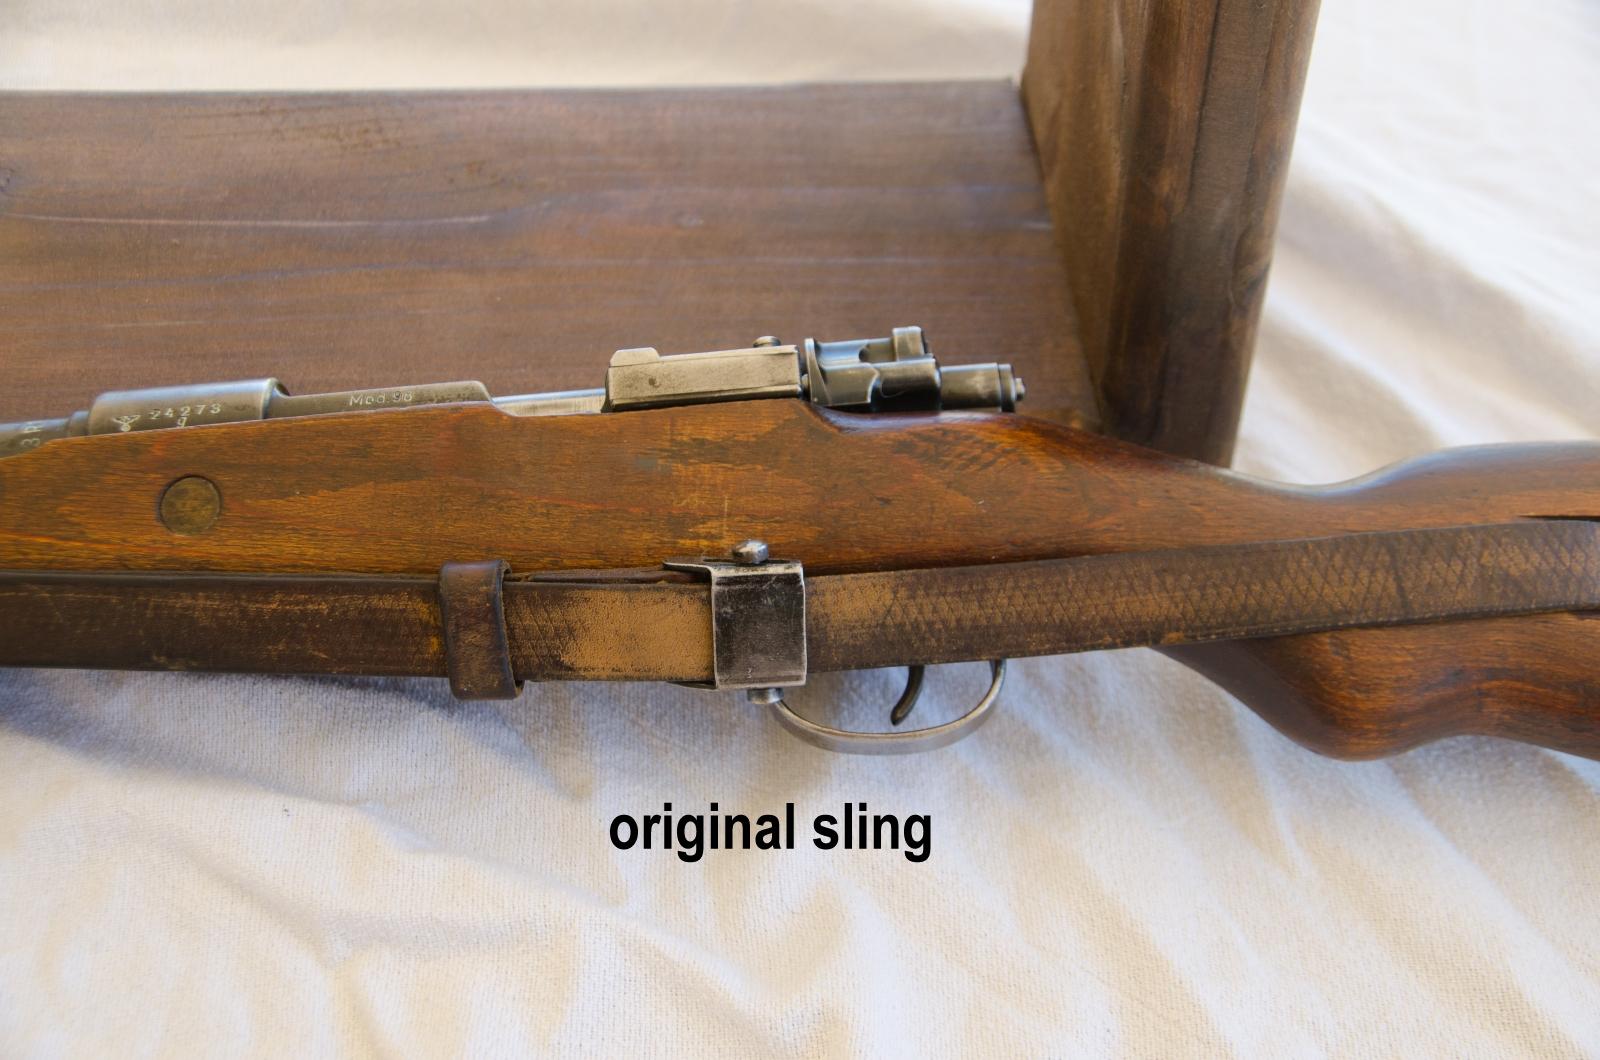 original sling